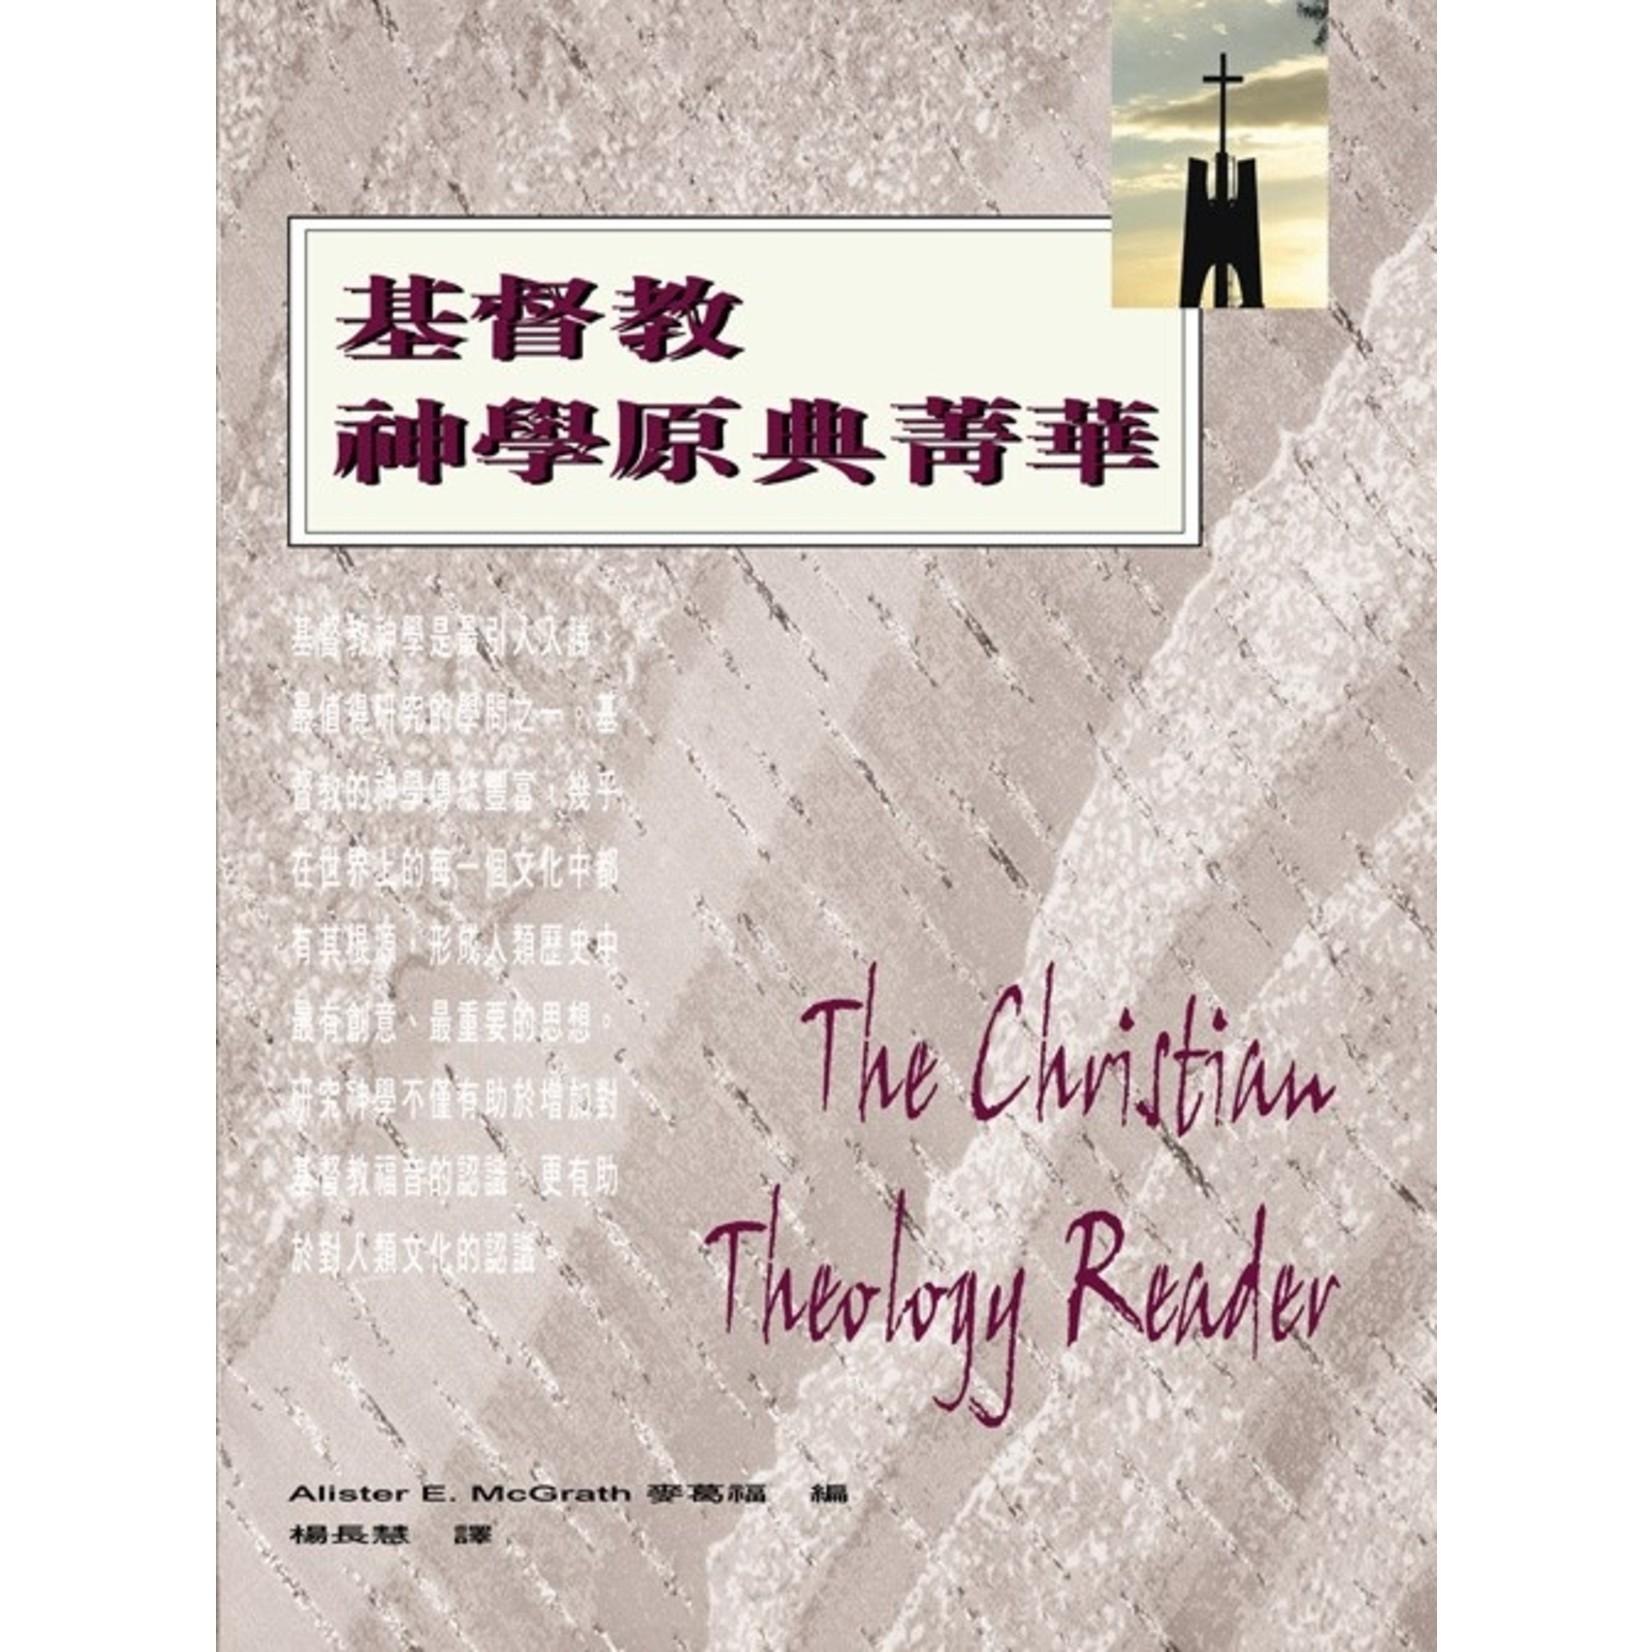 校園書房 Campus Books 基督教神學原典菁華 The Christian Theology Reader